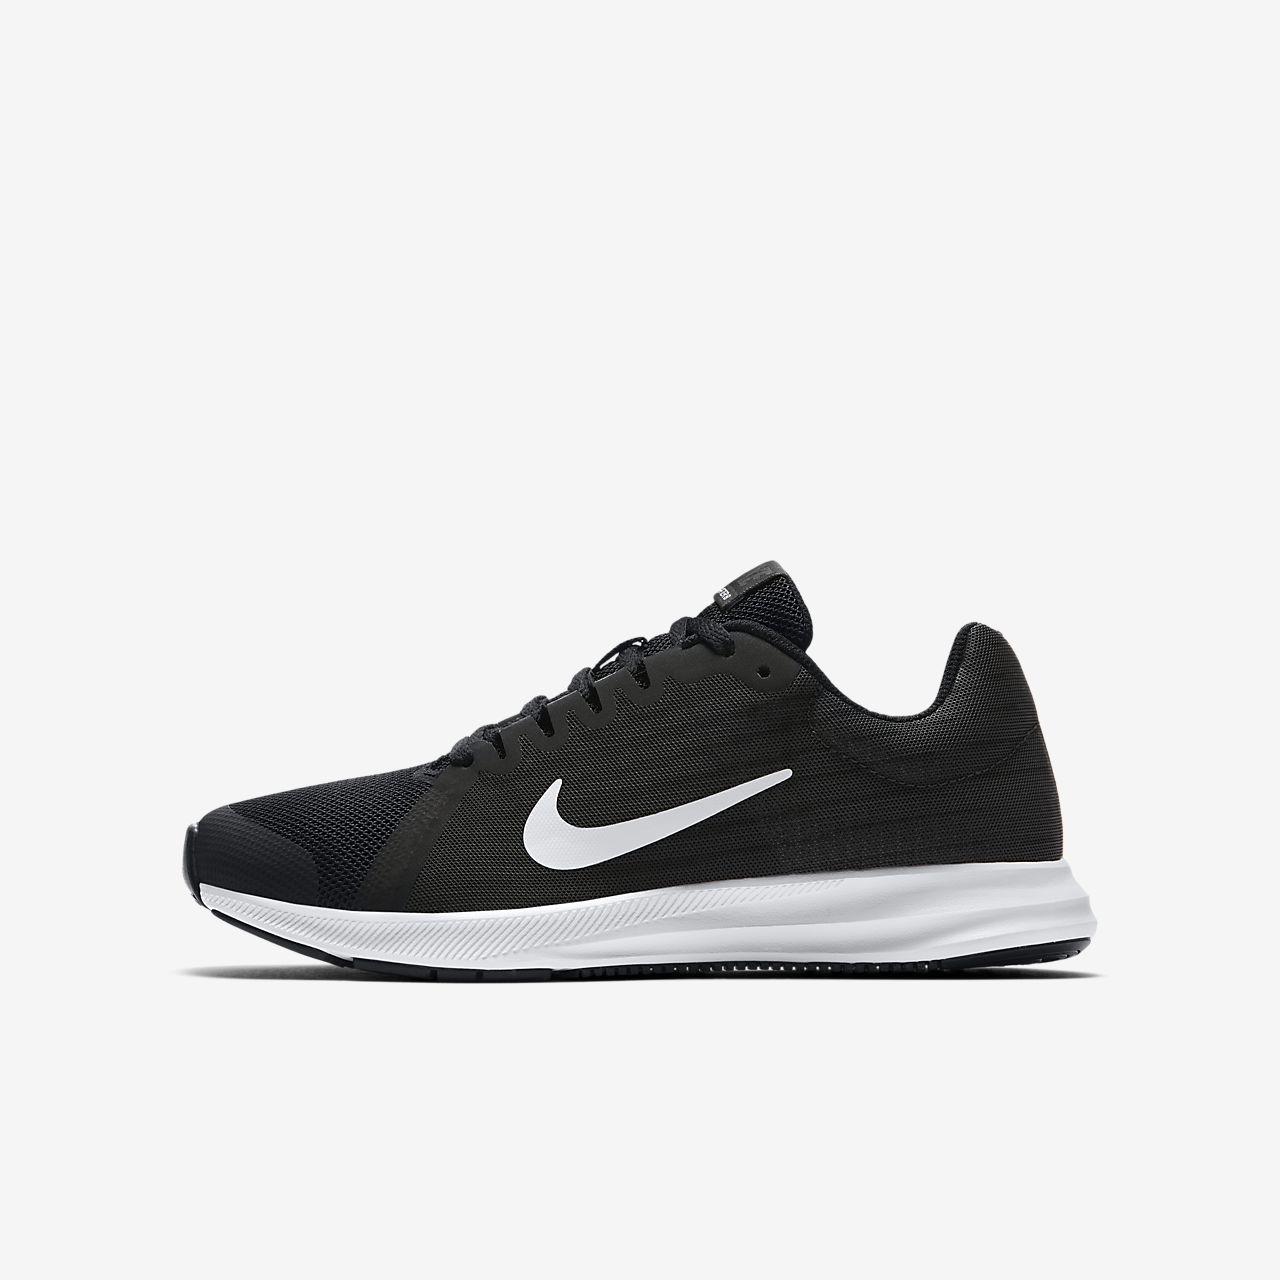 76c44e81ed Buty do biegania dla dużych dzieci (chłopców) Nike Downshifter 8 ...